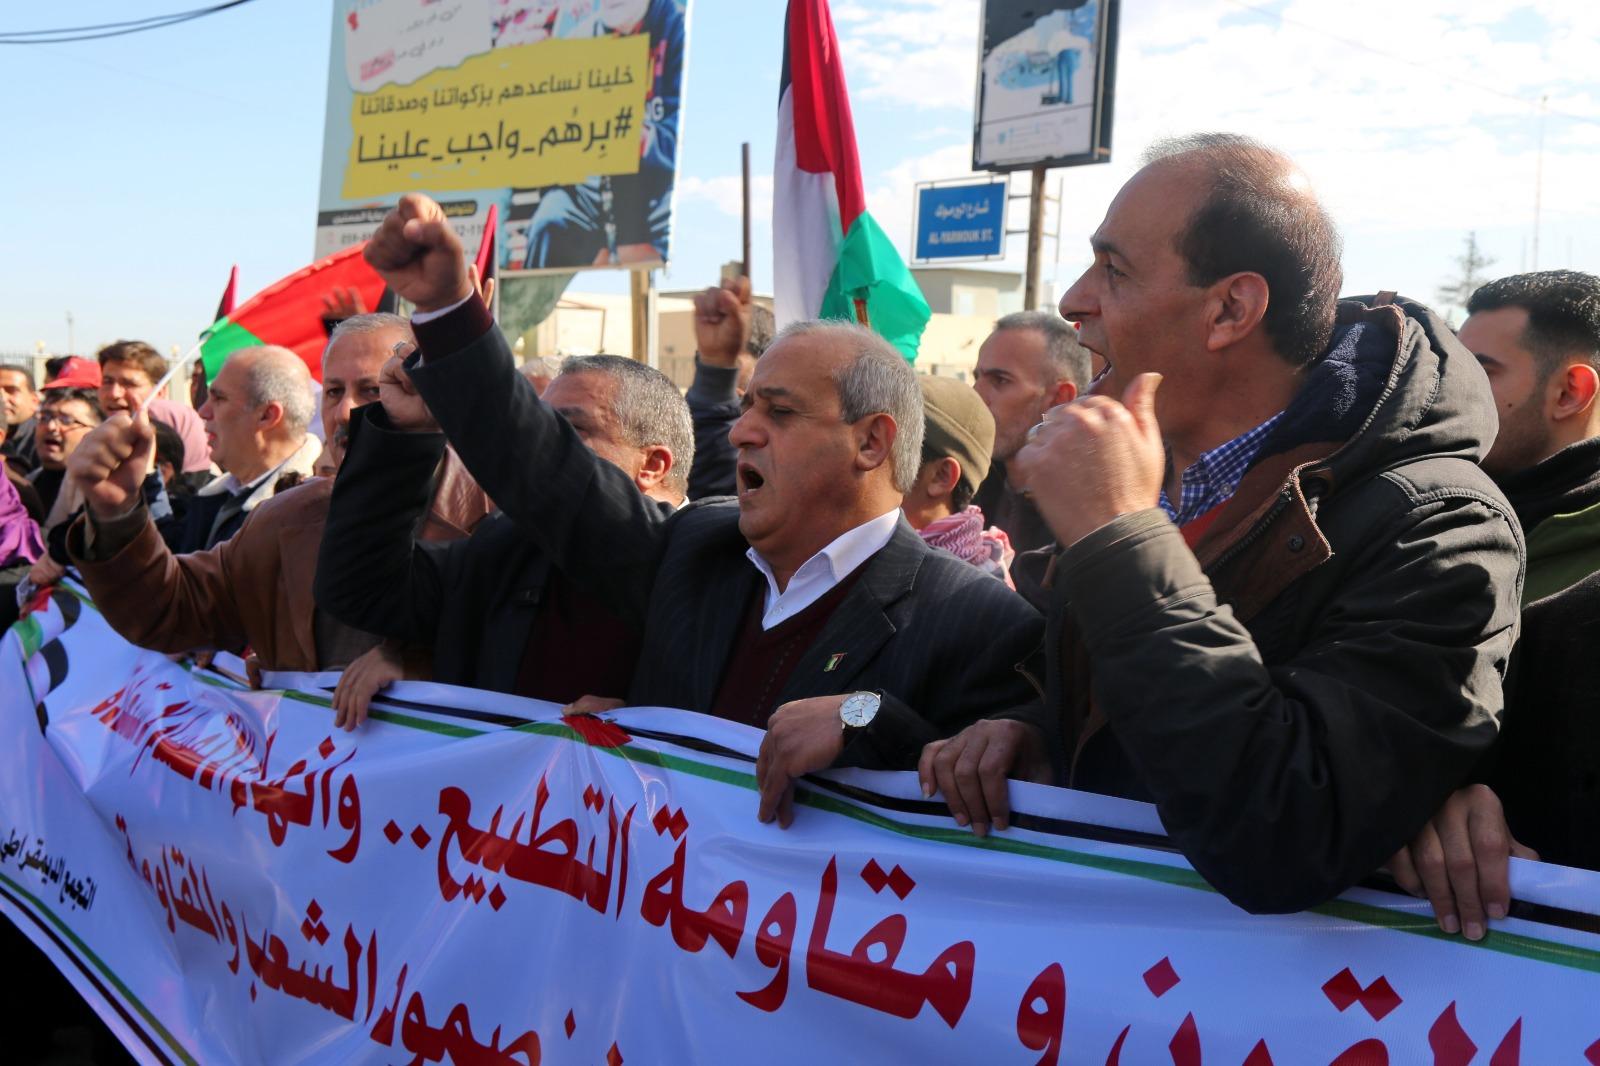 تظاهرات في غزة ورام الله رفضا لصفقة القرن والتطبيع